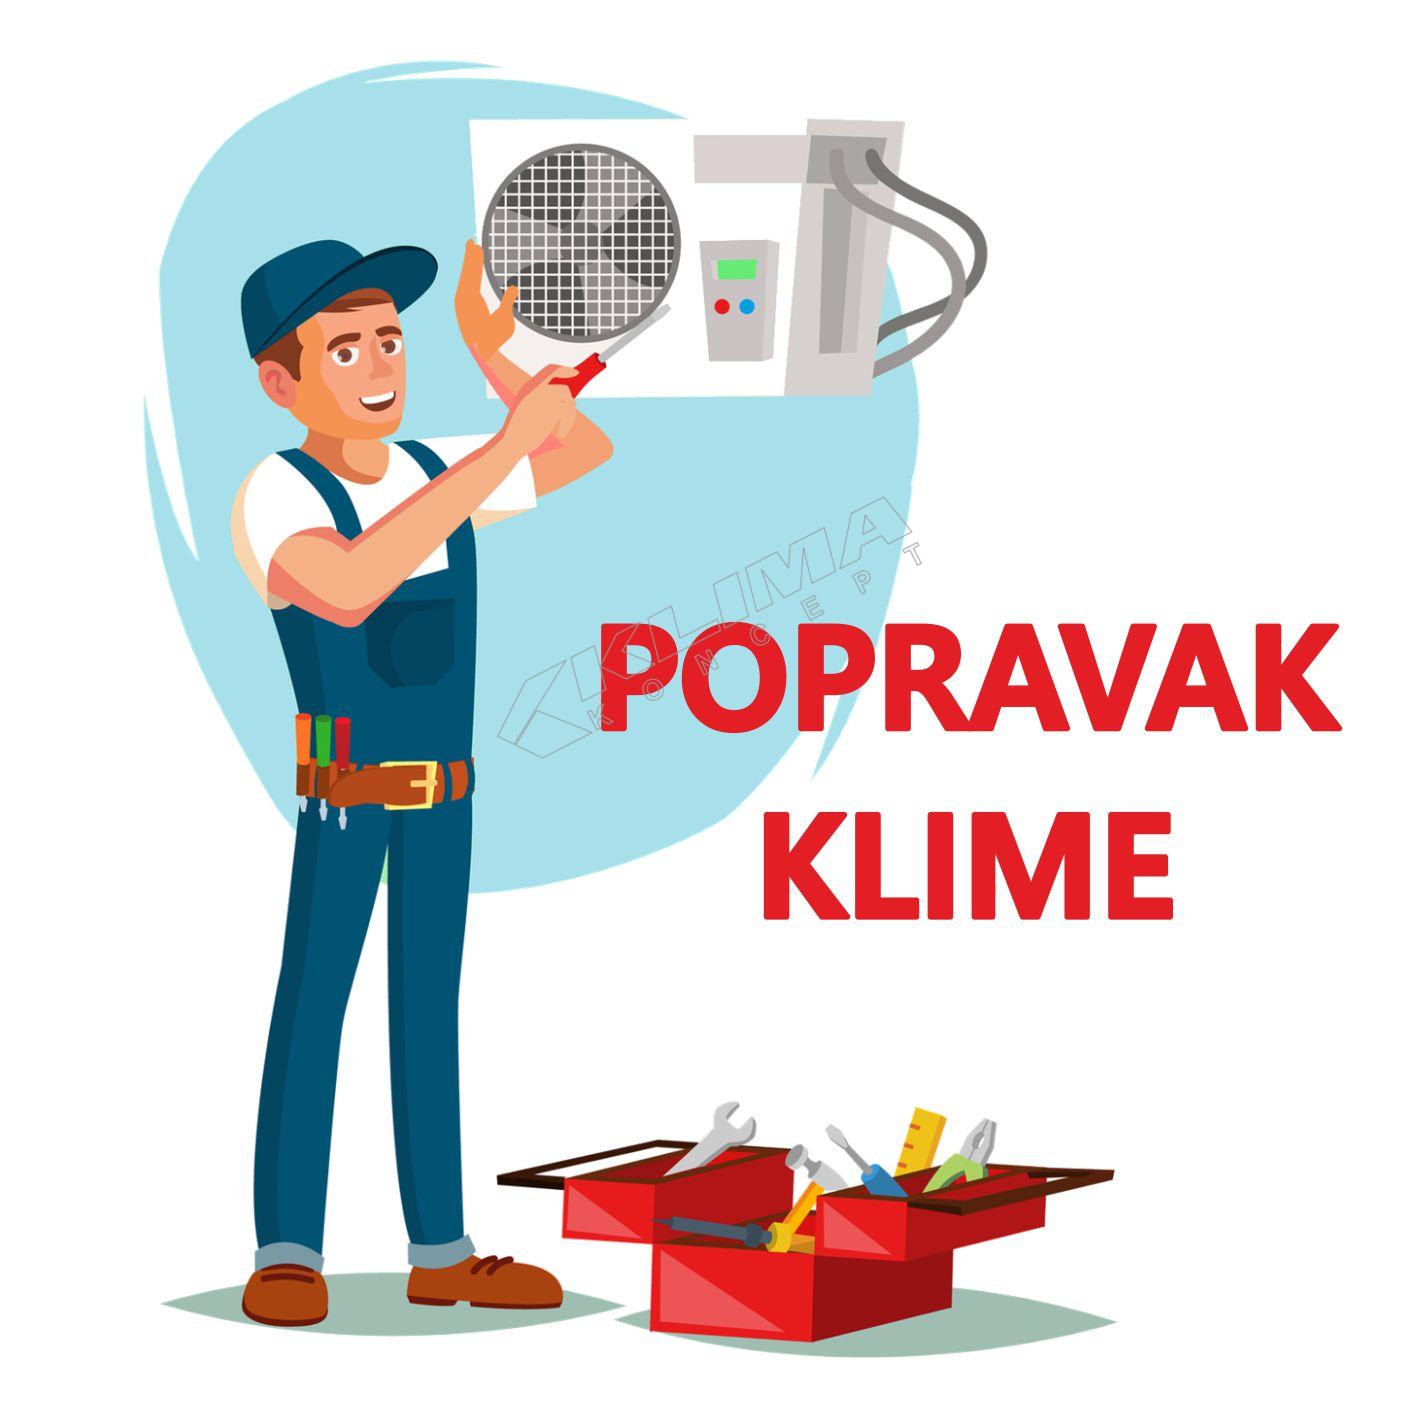 KONTROLA RADA KLIMA UREĐAJA I NADOPUNA PLINA - ZA SNAGE DO 5,5 kW